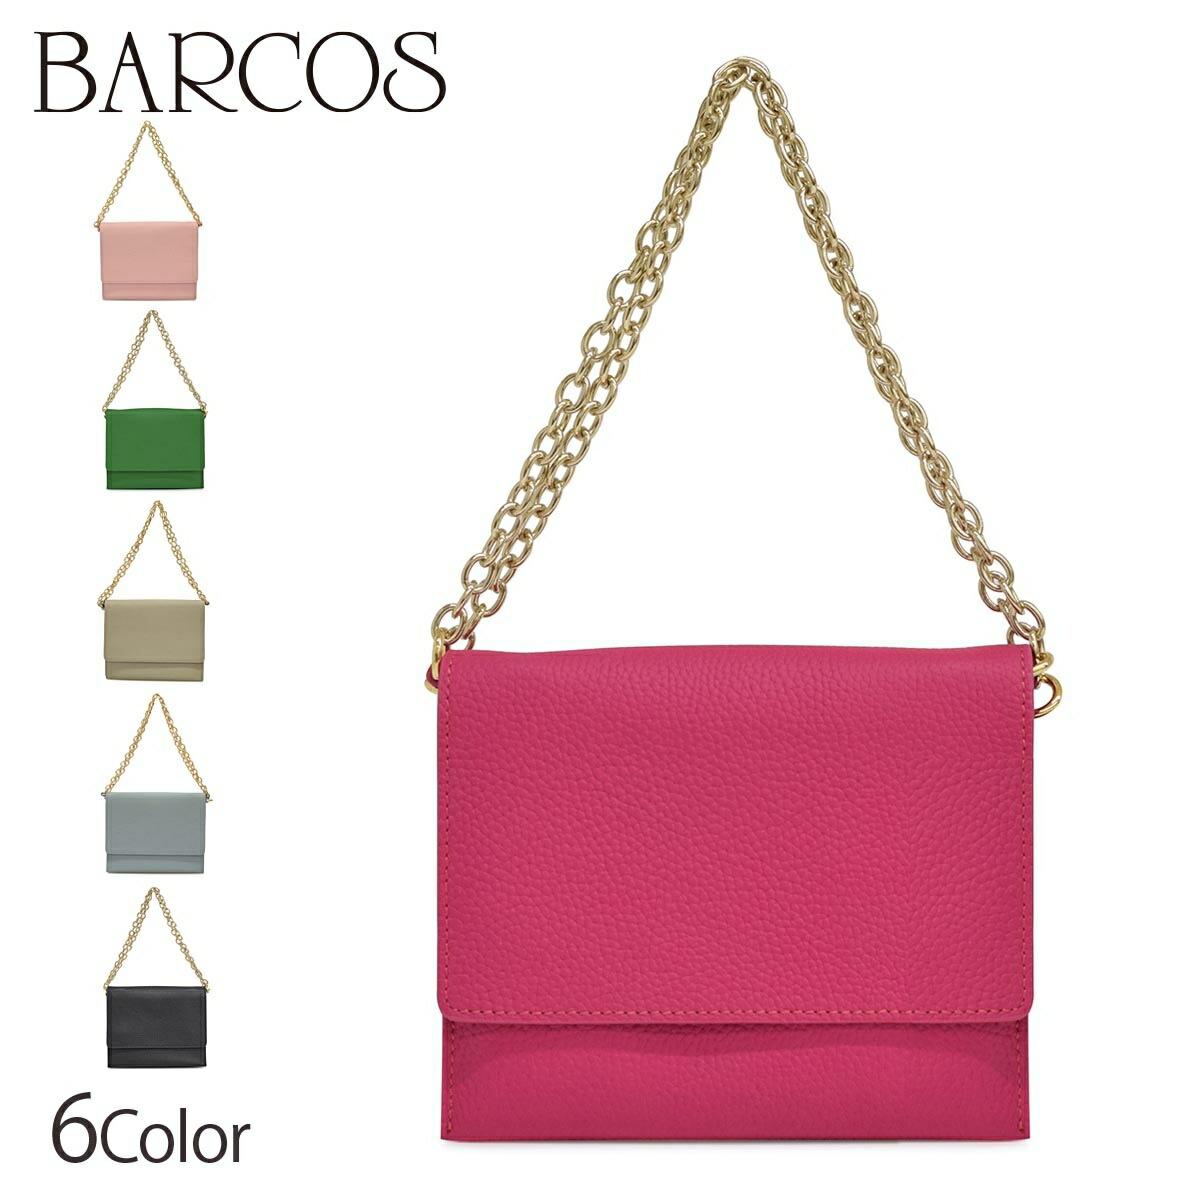 BARCOS ミニポシェット ウォレットバッグ 植松晃士×BARCOS A レディース 全6色 ONESIZE バルコス